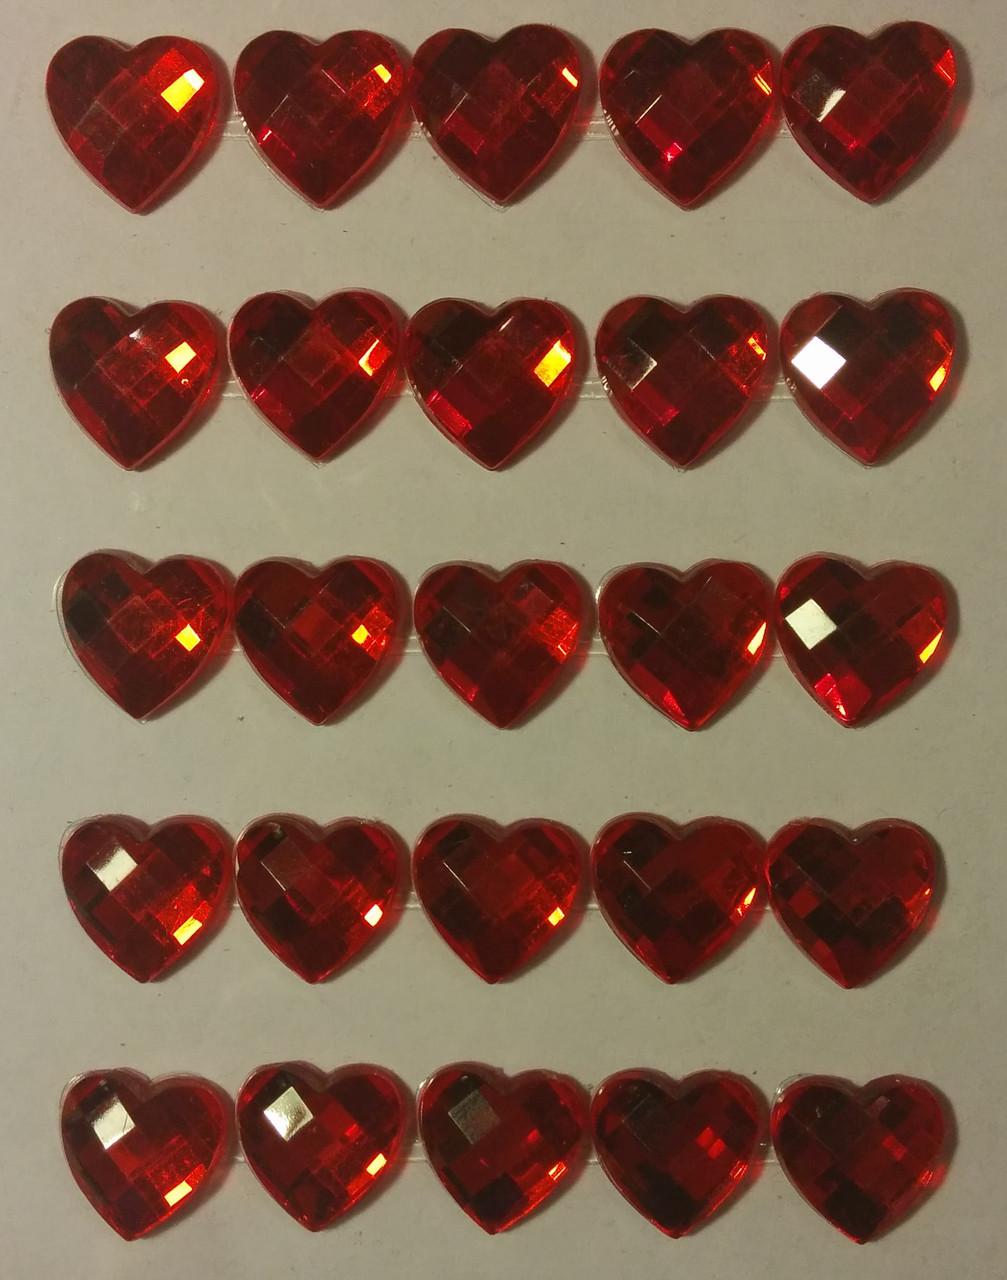 Клеевой камень Сердце ( 1.5 см, 25 шт) 13М147-15R